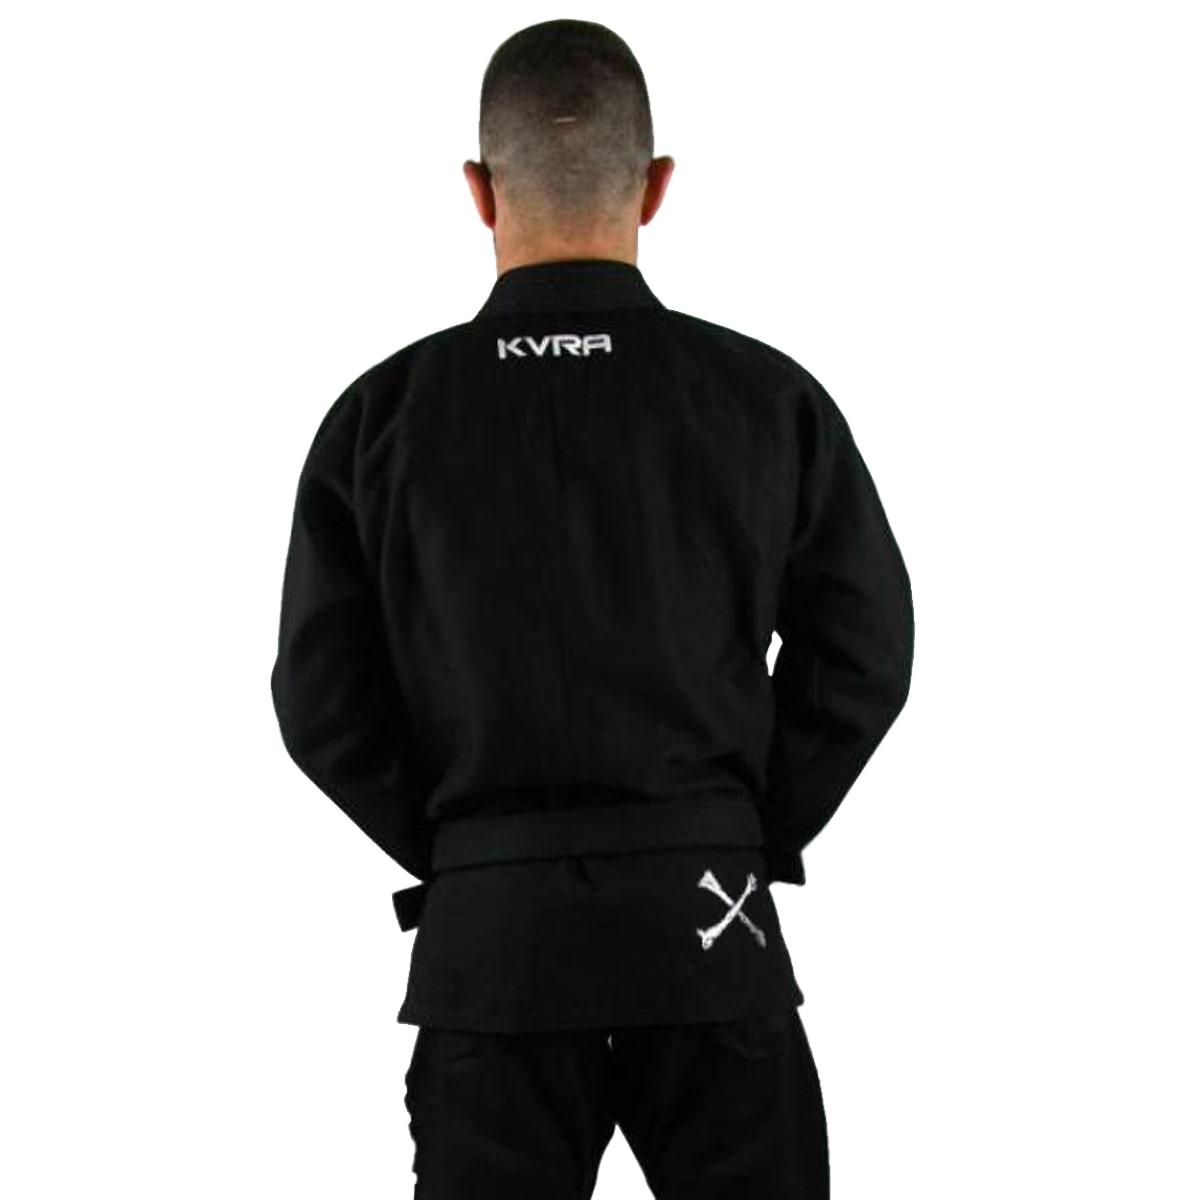 Kimono Jiu-Jitsu Adulto Kvra BJJ Style Future - Preto